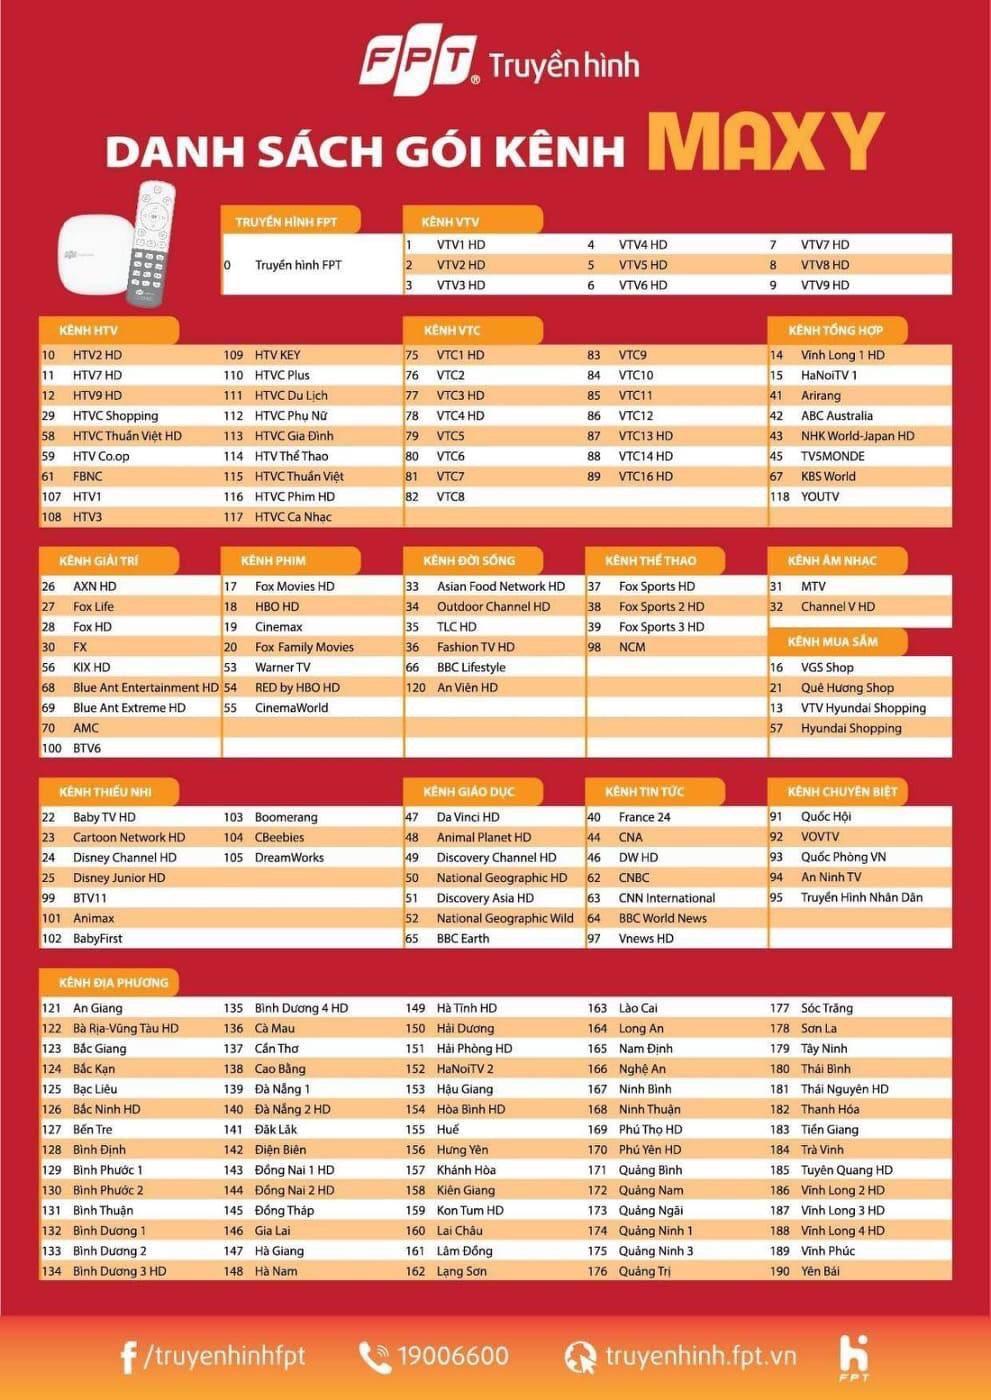 Danh sách kênh truyền hình fpt 2021